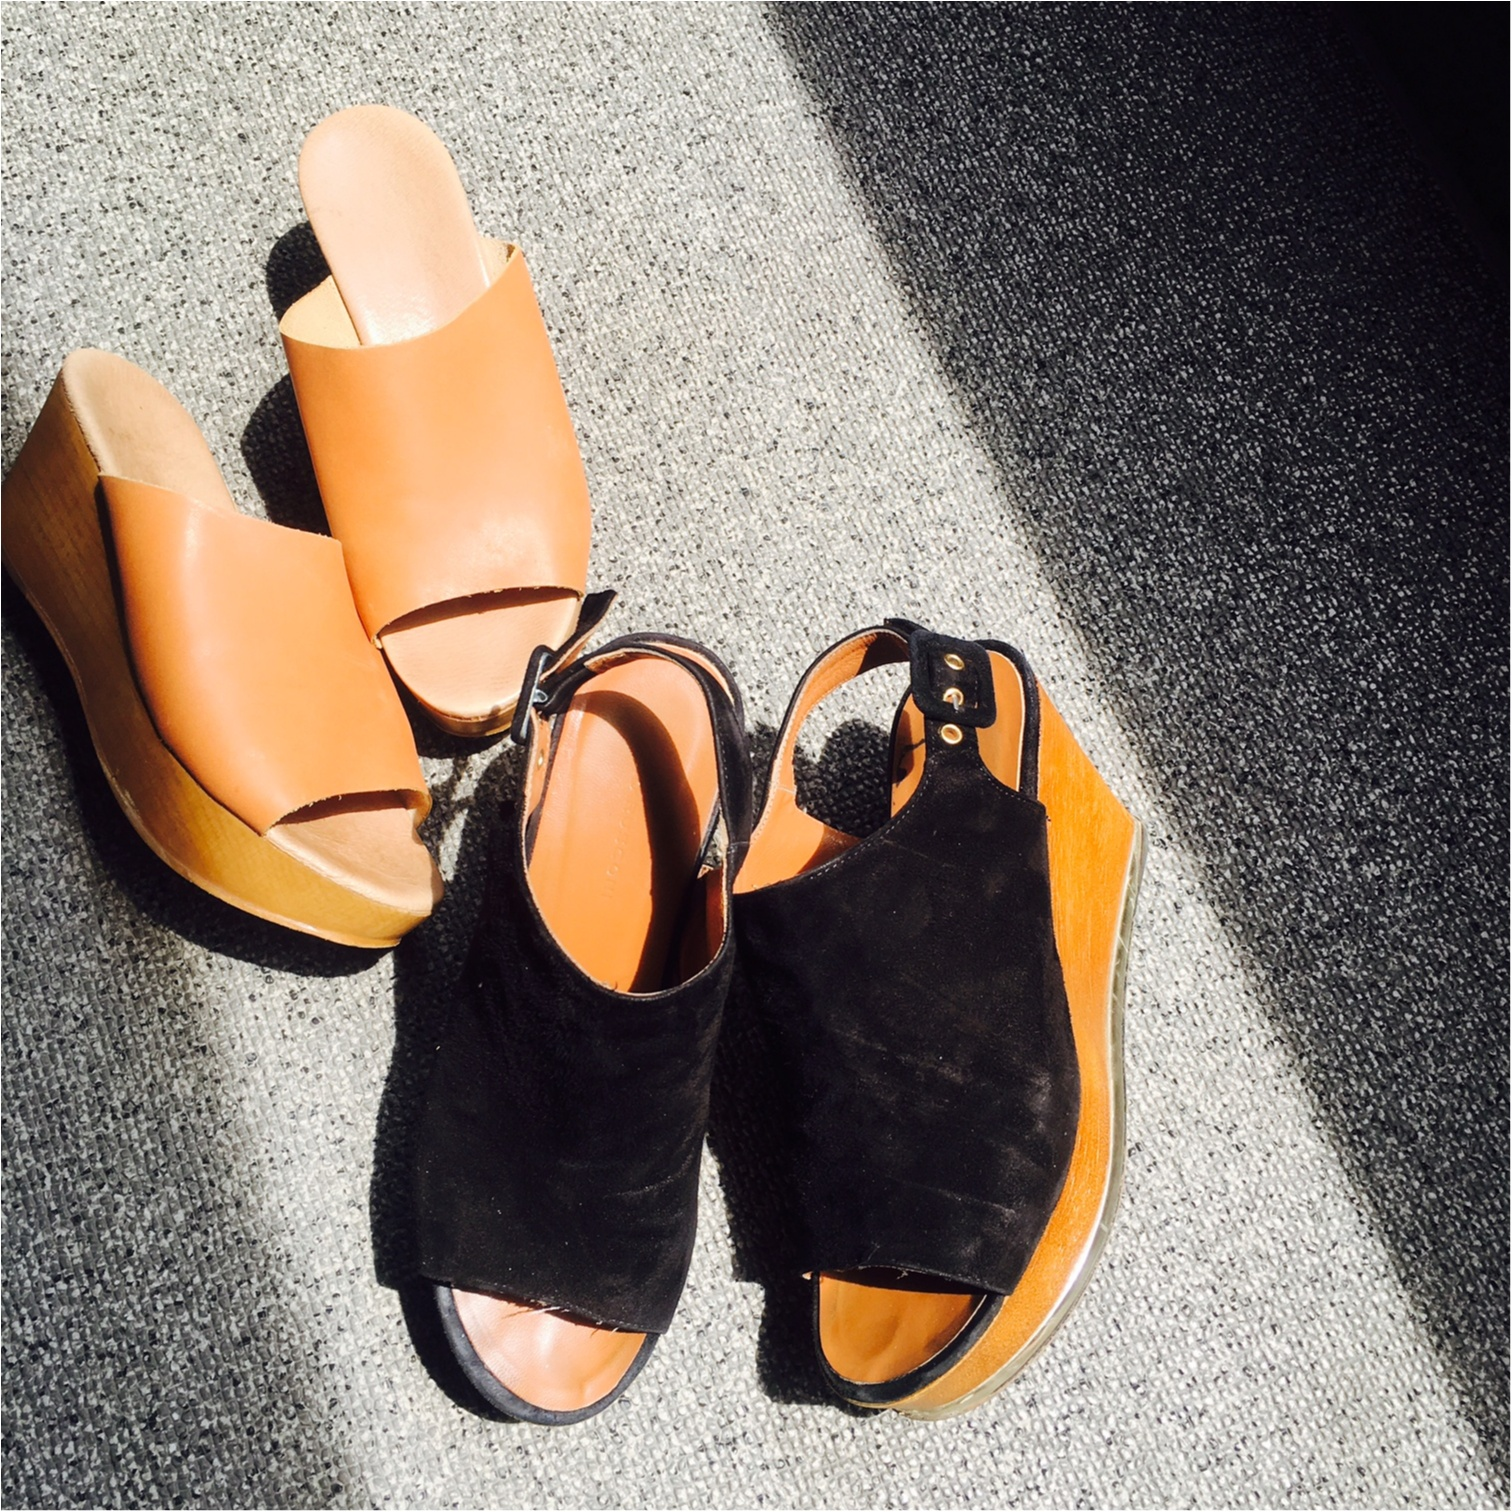 今年は何を履く? 夏の靴、野尻的おすすめ_1